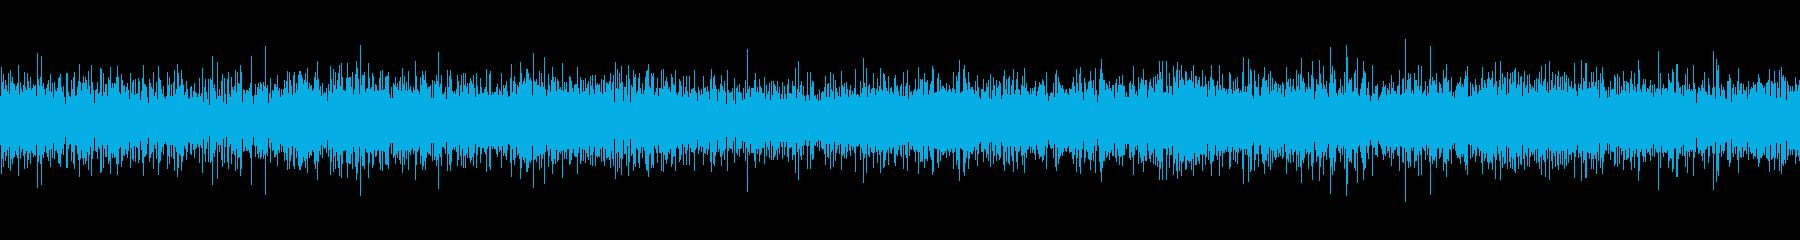 小降りの雨が傘に当たる音(パラパラ)の再生済みの波形